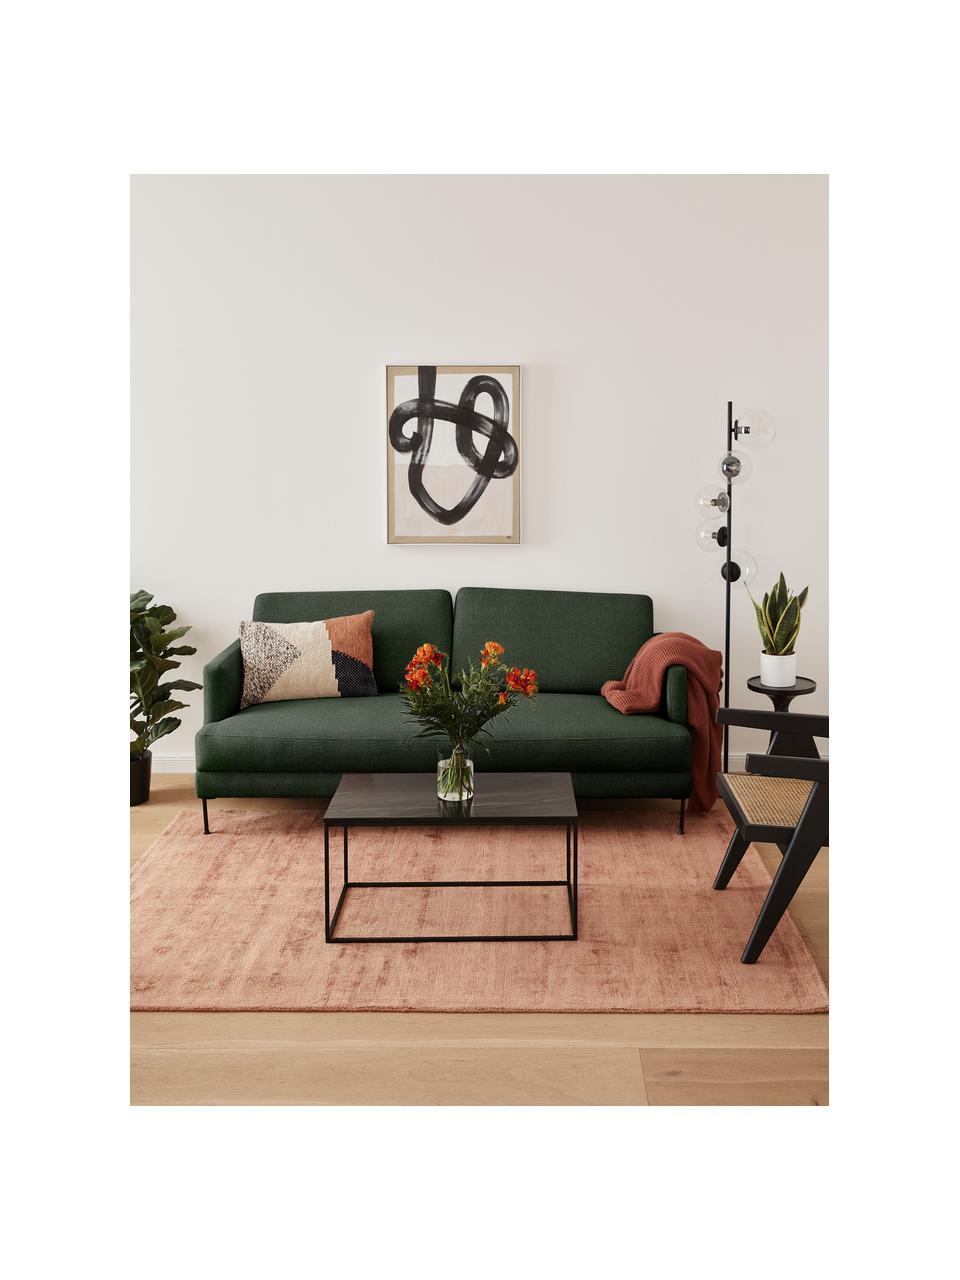 Sofa z metalowymi nogami Fluente (2-osobowa), Tapicerka: 100% poliester Dzięki tka, Nogi: metal malowany proszkowo, Ciemny zielony, S 166 x G 85 cm